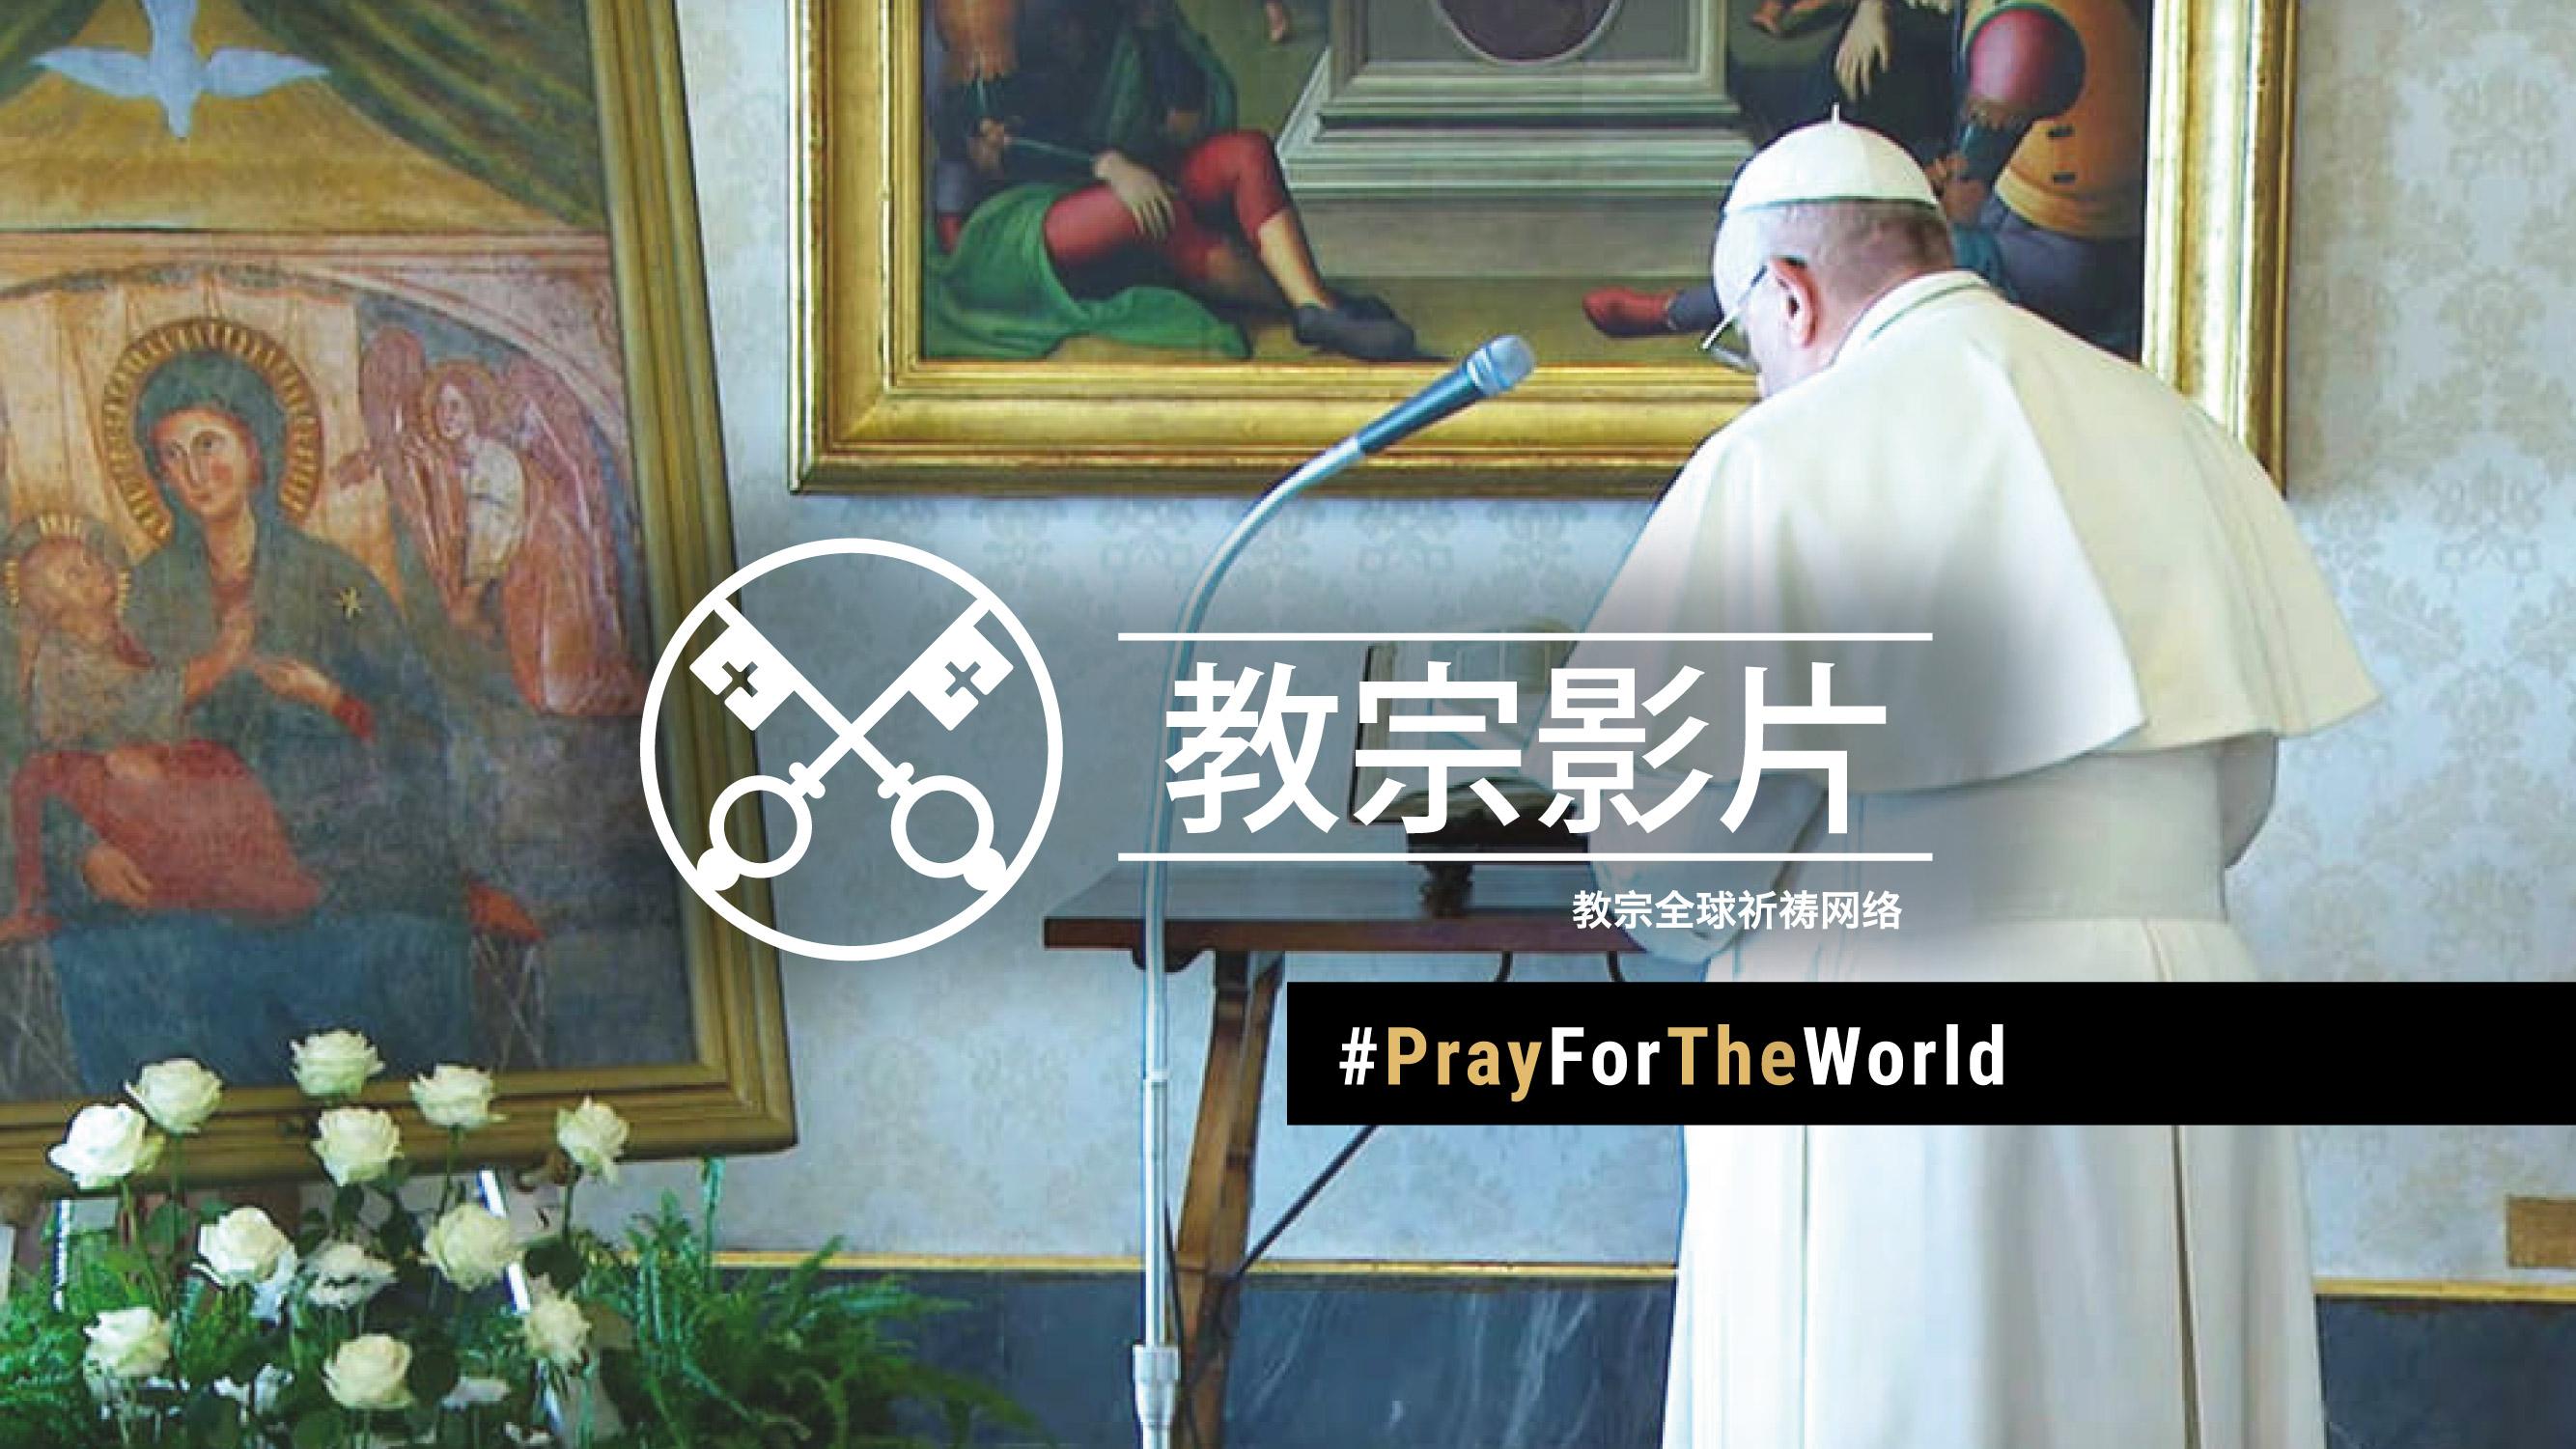 3月:为世界祈祷